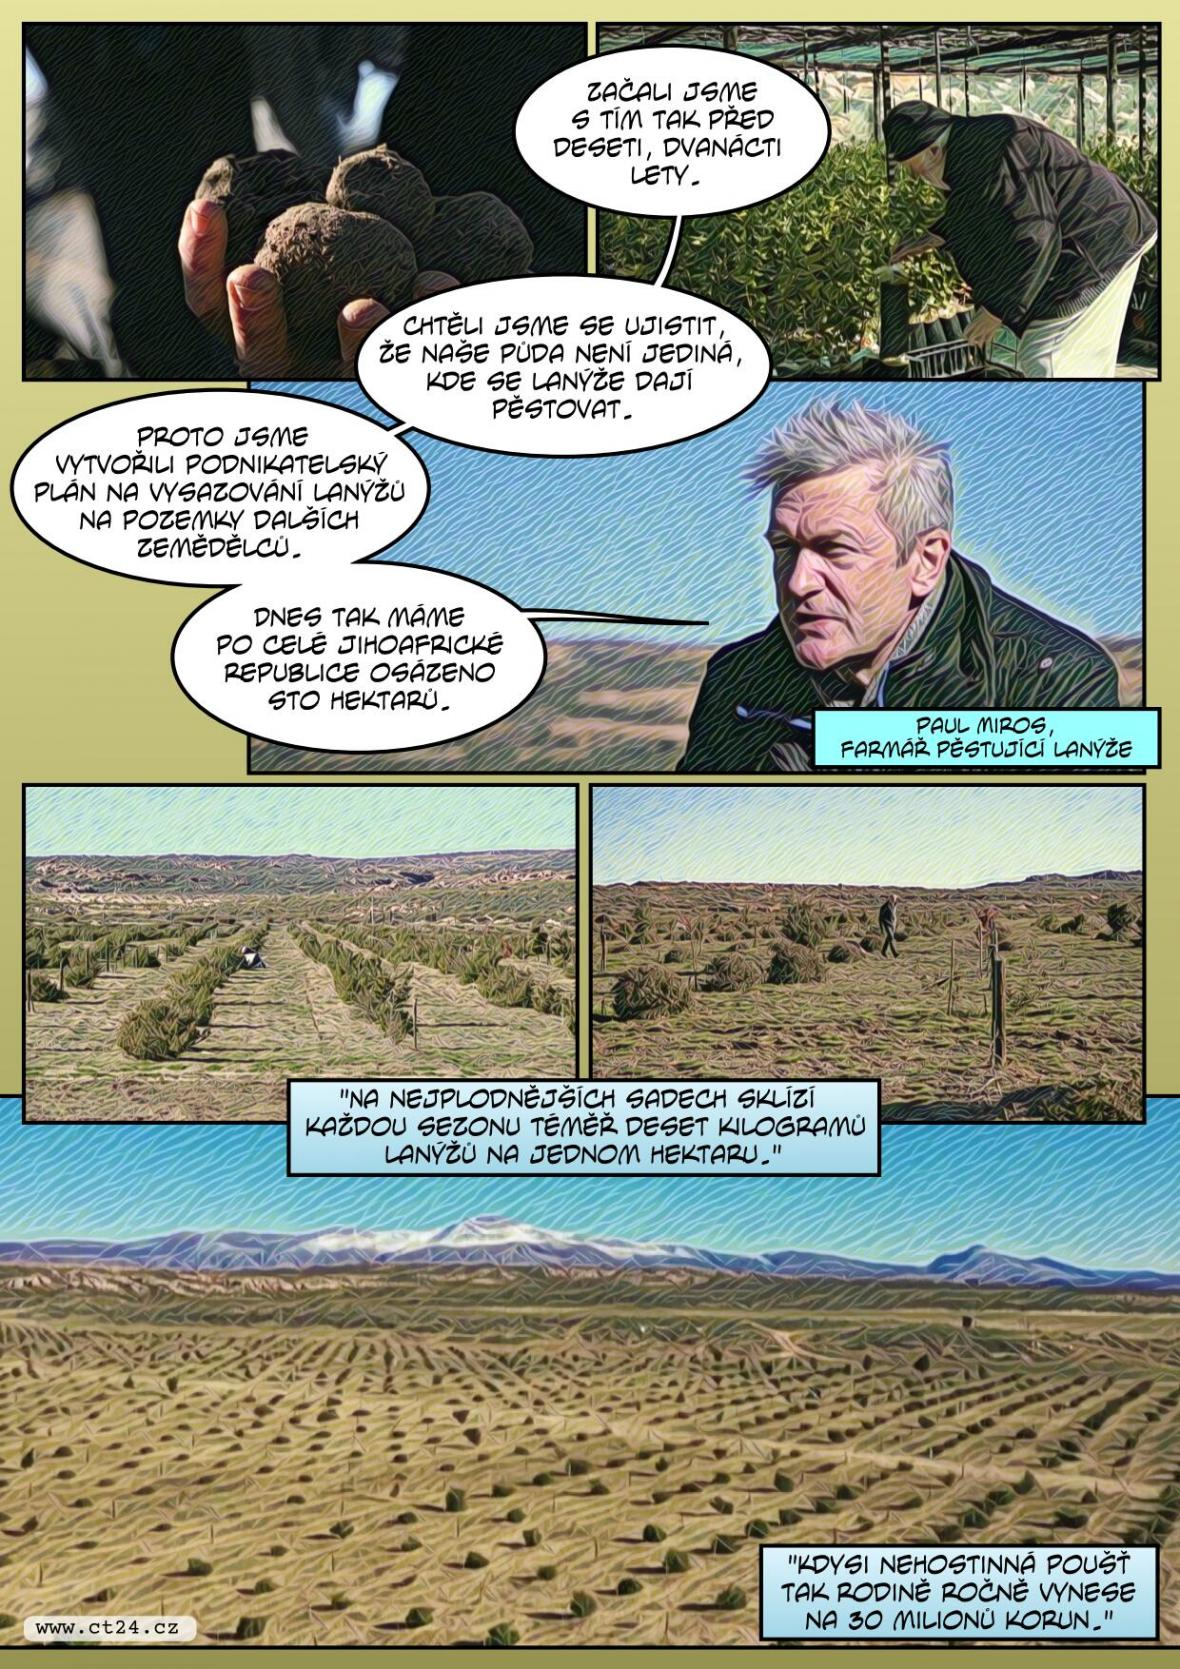 Pěstování lanýžů zkouší už i v Jihoafrické republice. Prodávají se za desítky milionů korun